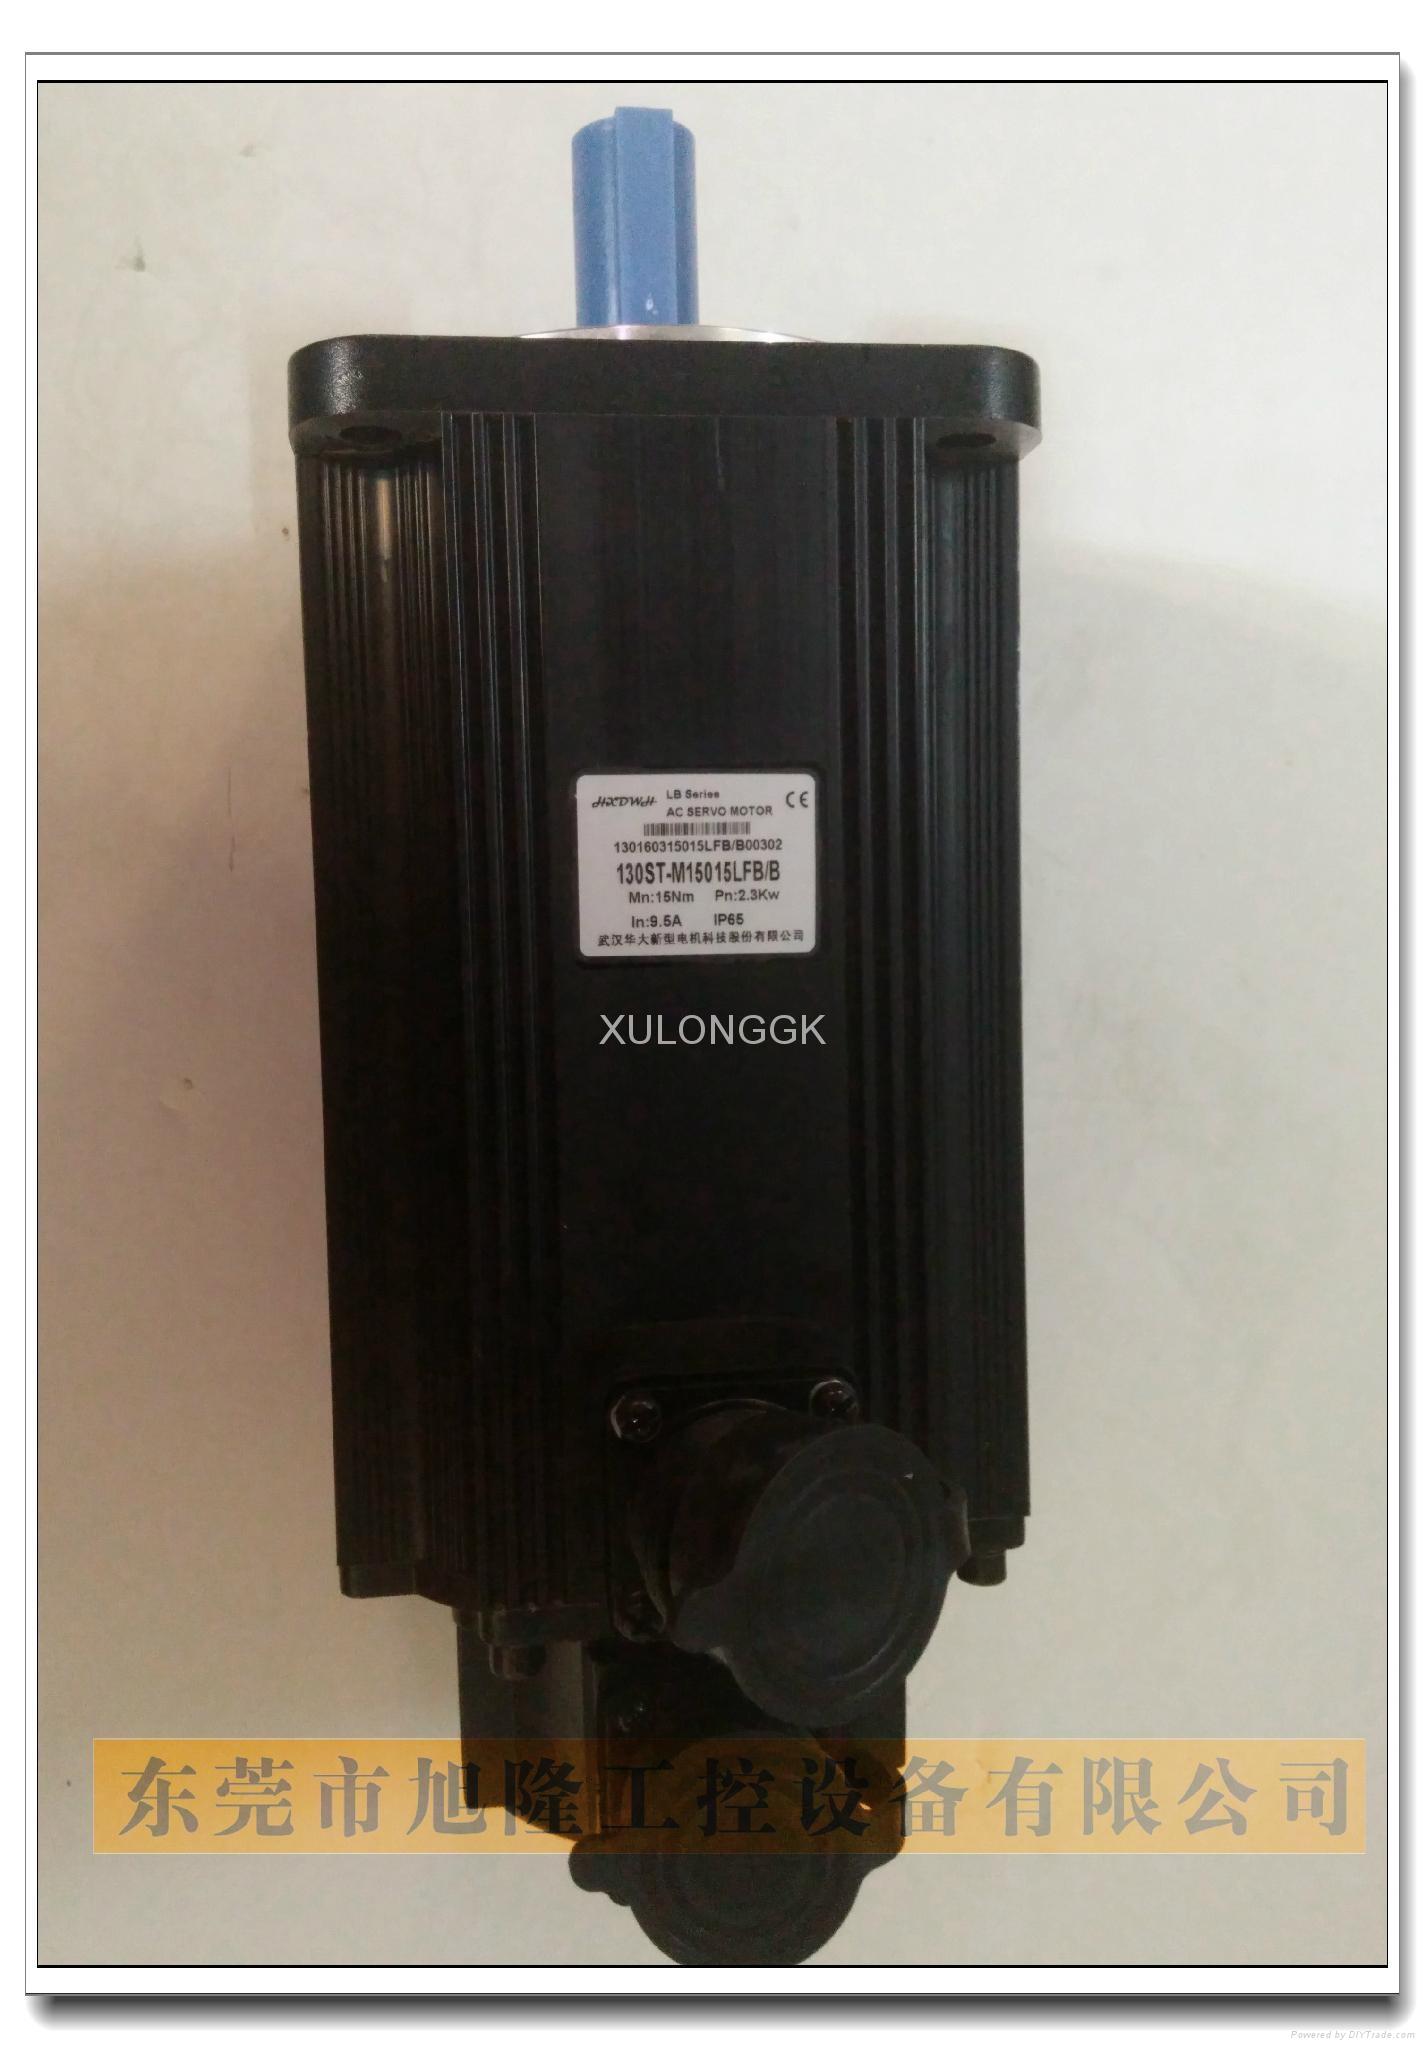 华大伺服马达配K系列驱动130ST-M15015LFB 1.5kw 15N  220V 数控深孔钻设备替安川用 2